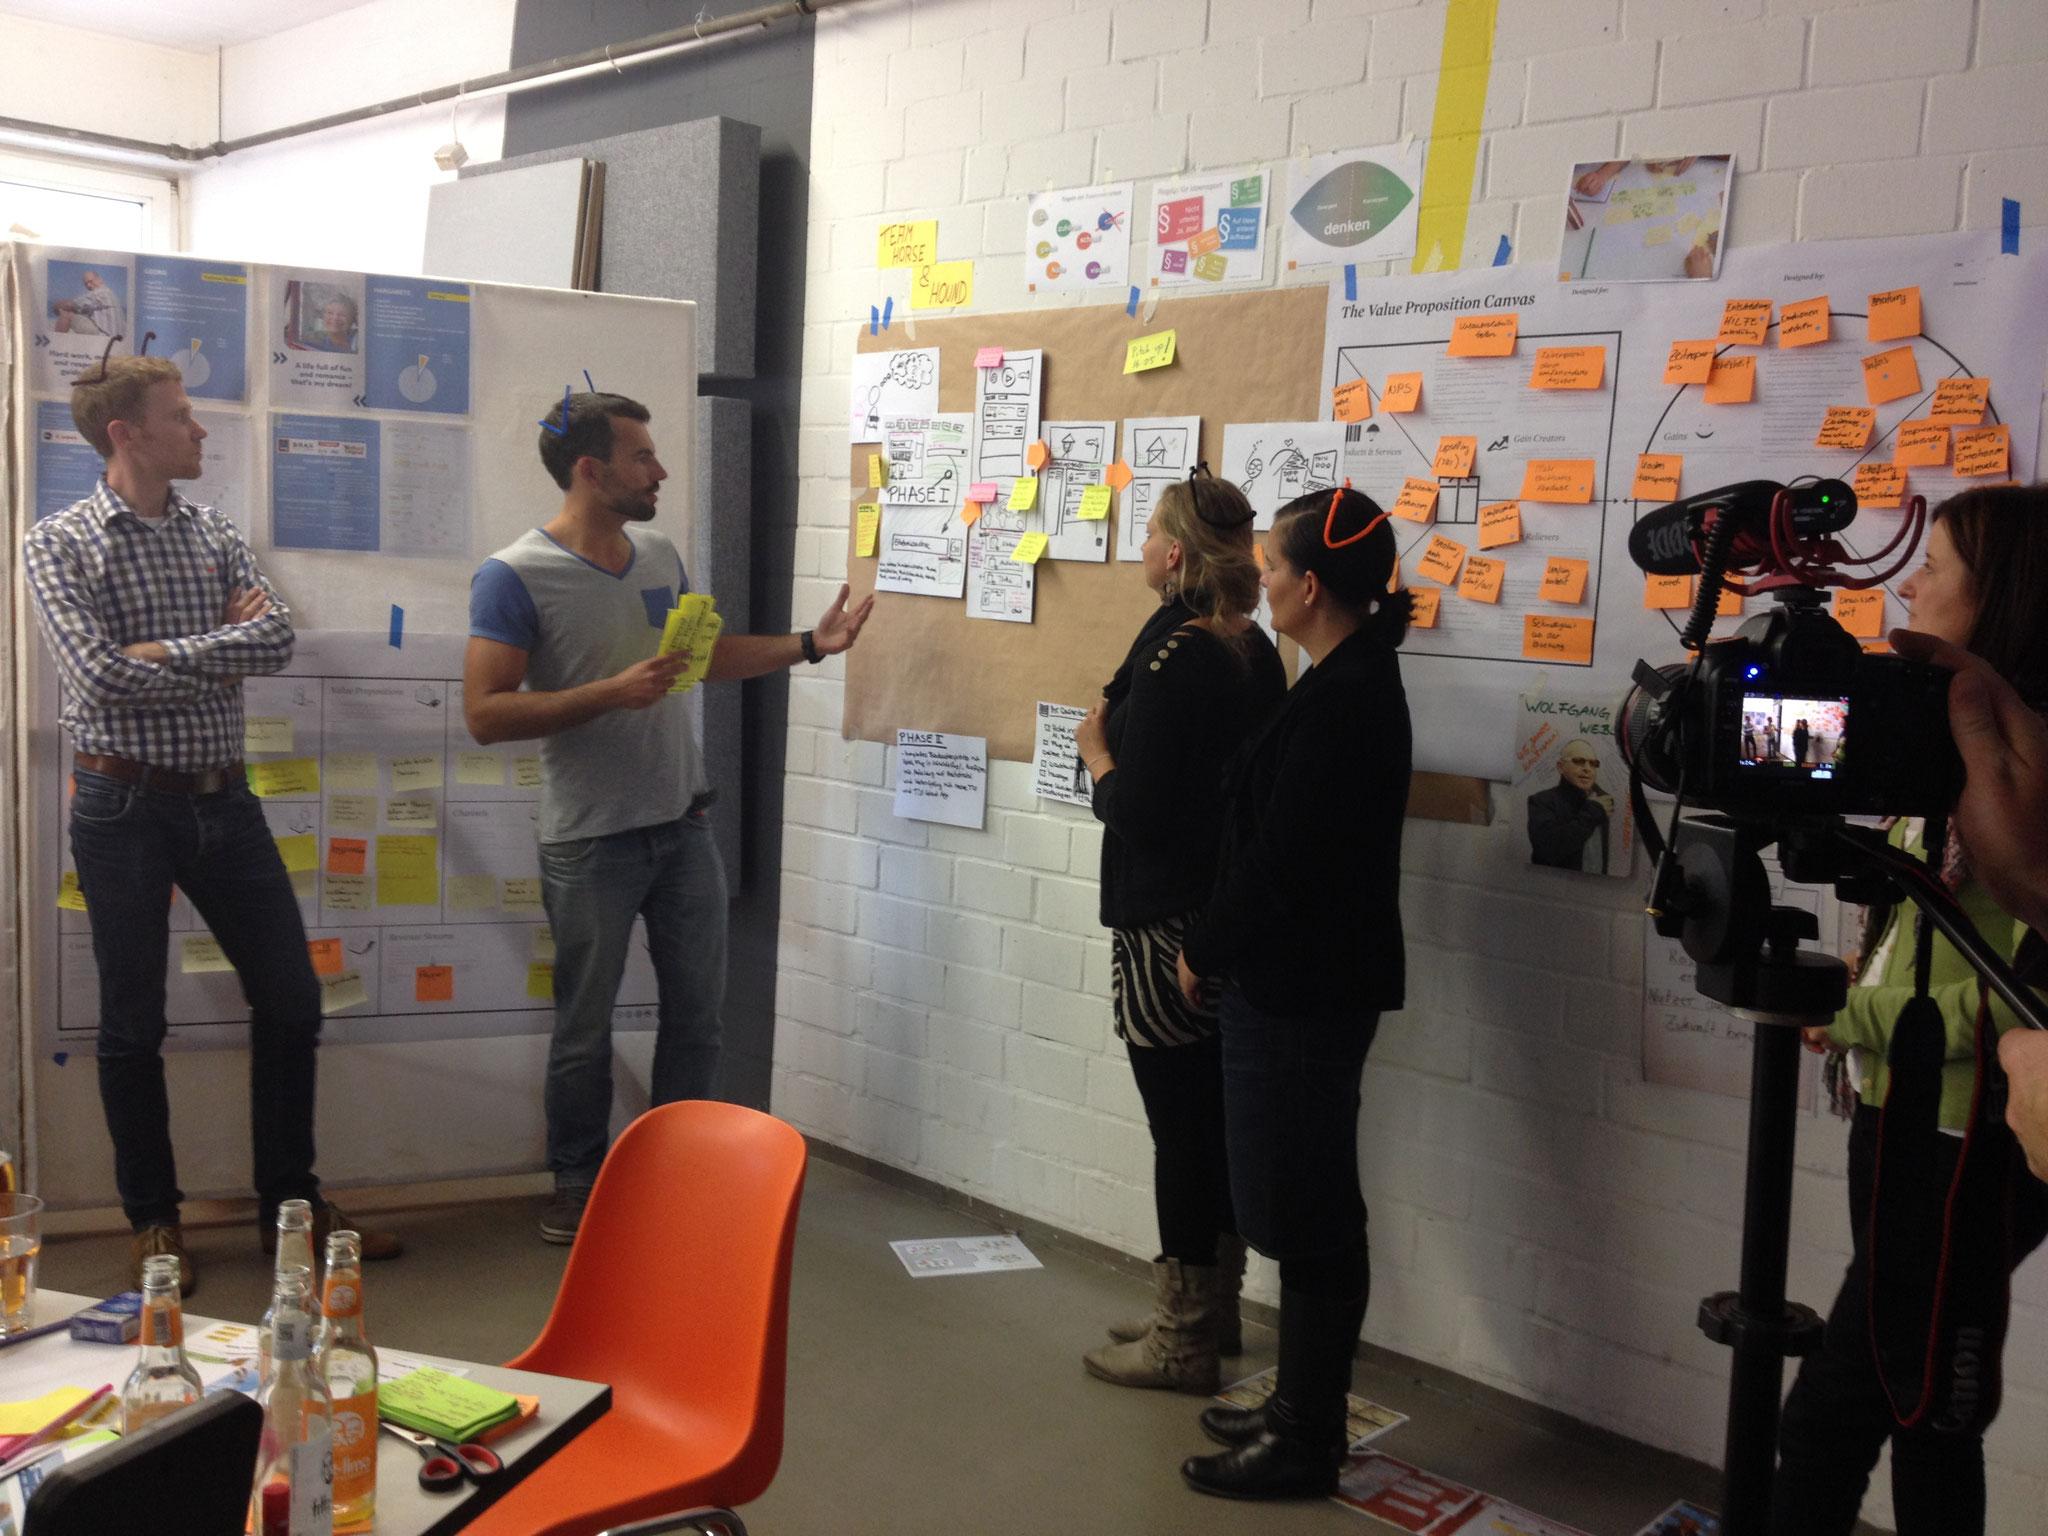 Das Team diskutiert die Entwürfe und bildet sie auf dem Werkzeug Value Proposition Canvas ab.